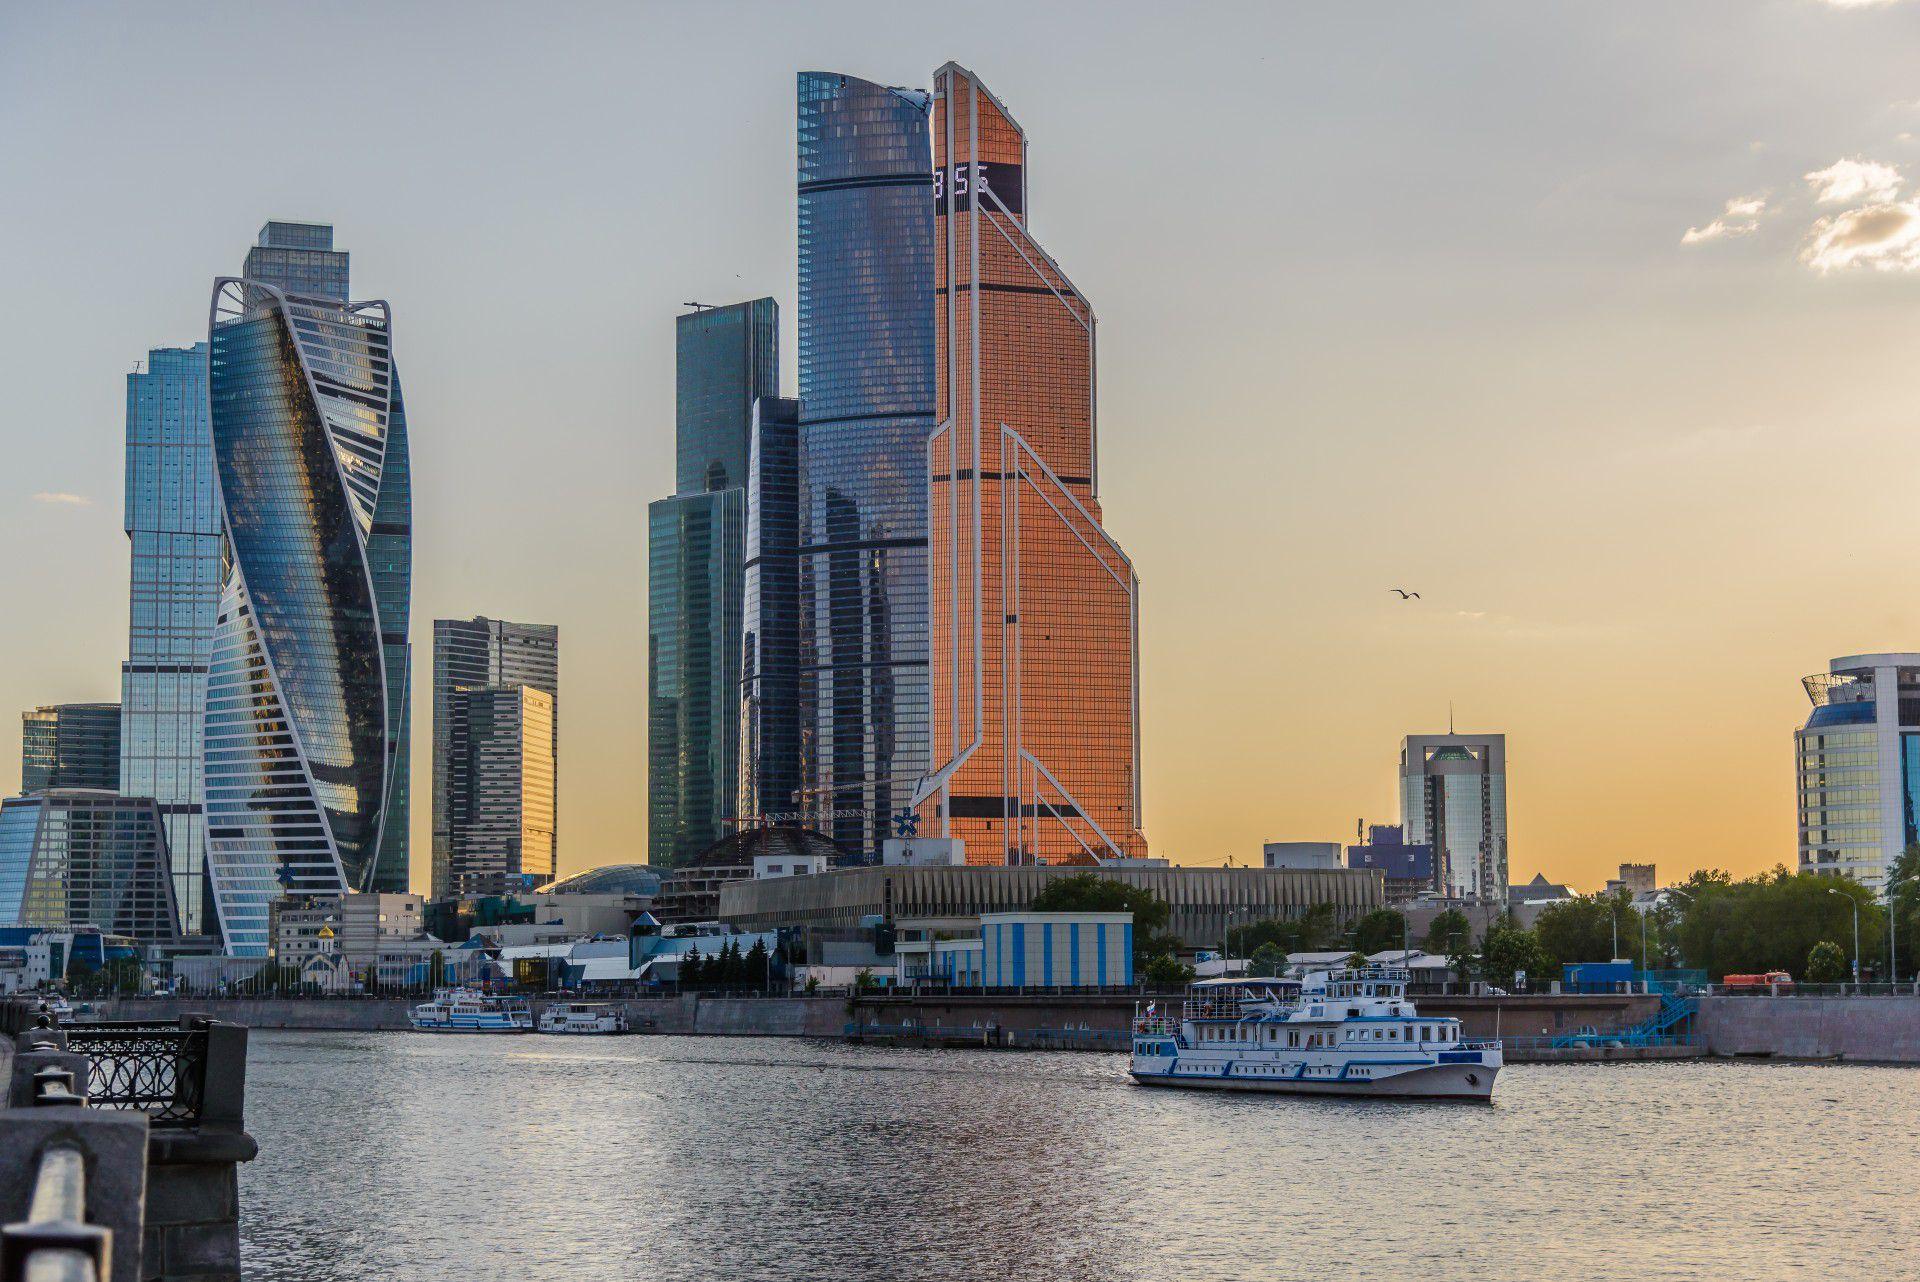 Прогулка на теплоходе от «Москва-Сити» до парка «Зарядье» фото 1